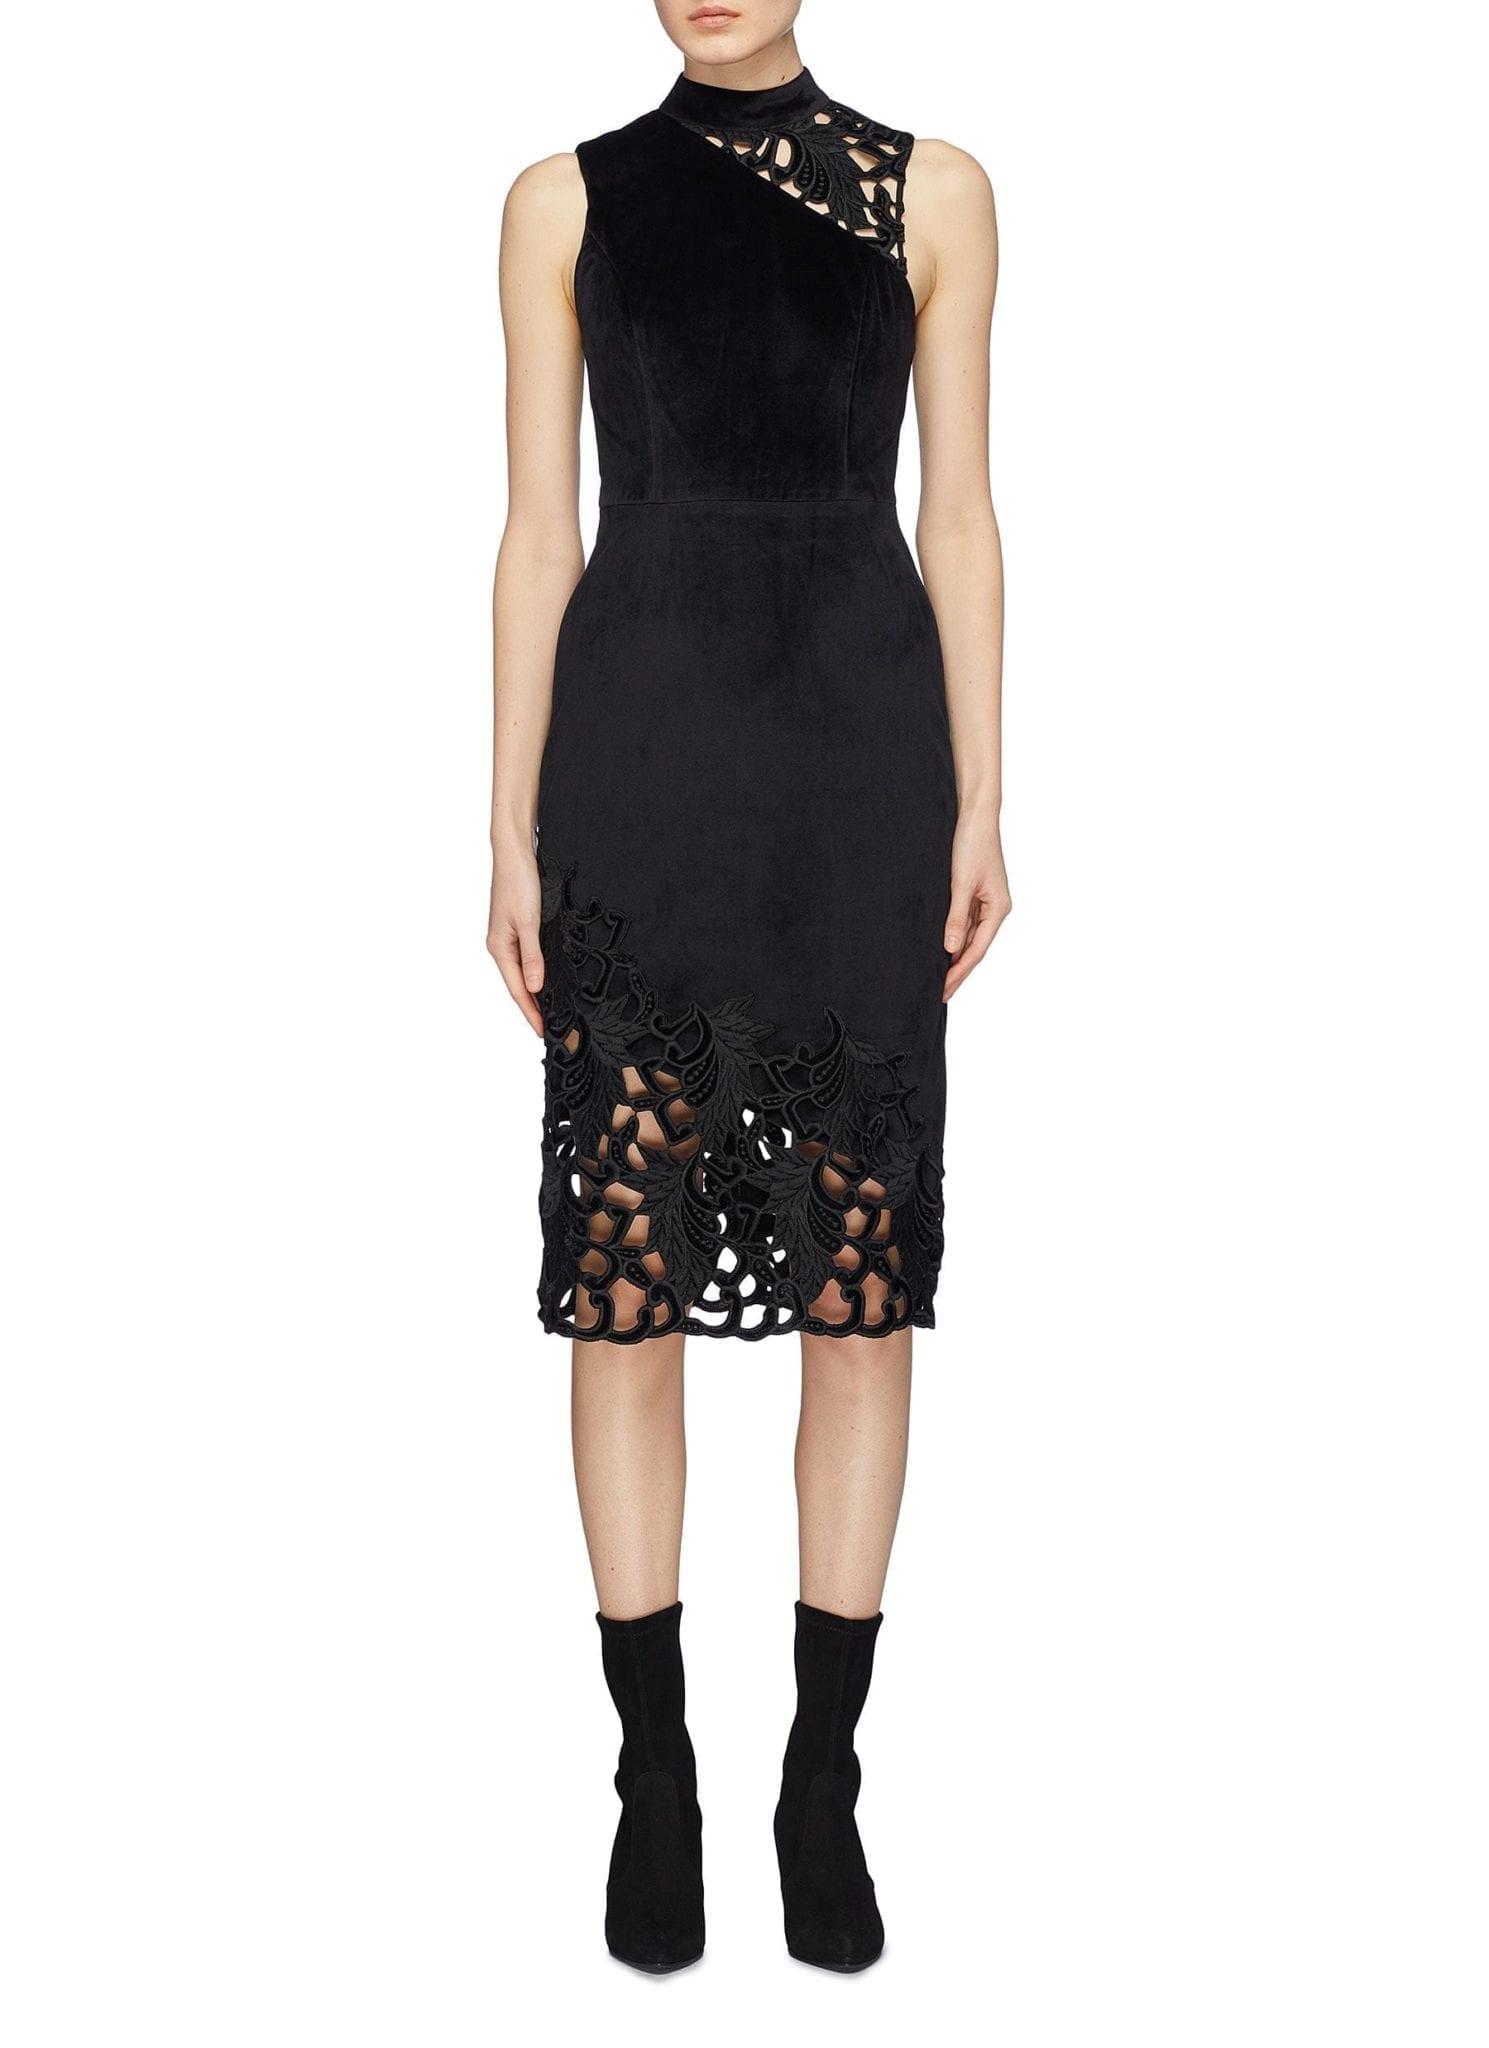 ALICE + OLIVIA 'kiana' Lace Trim Velvet Midi Black Dress